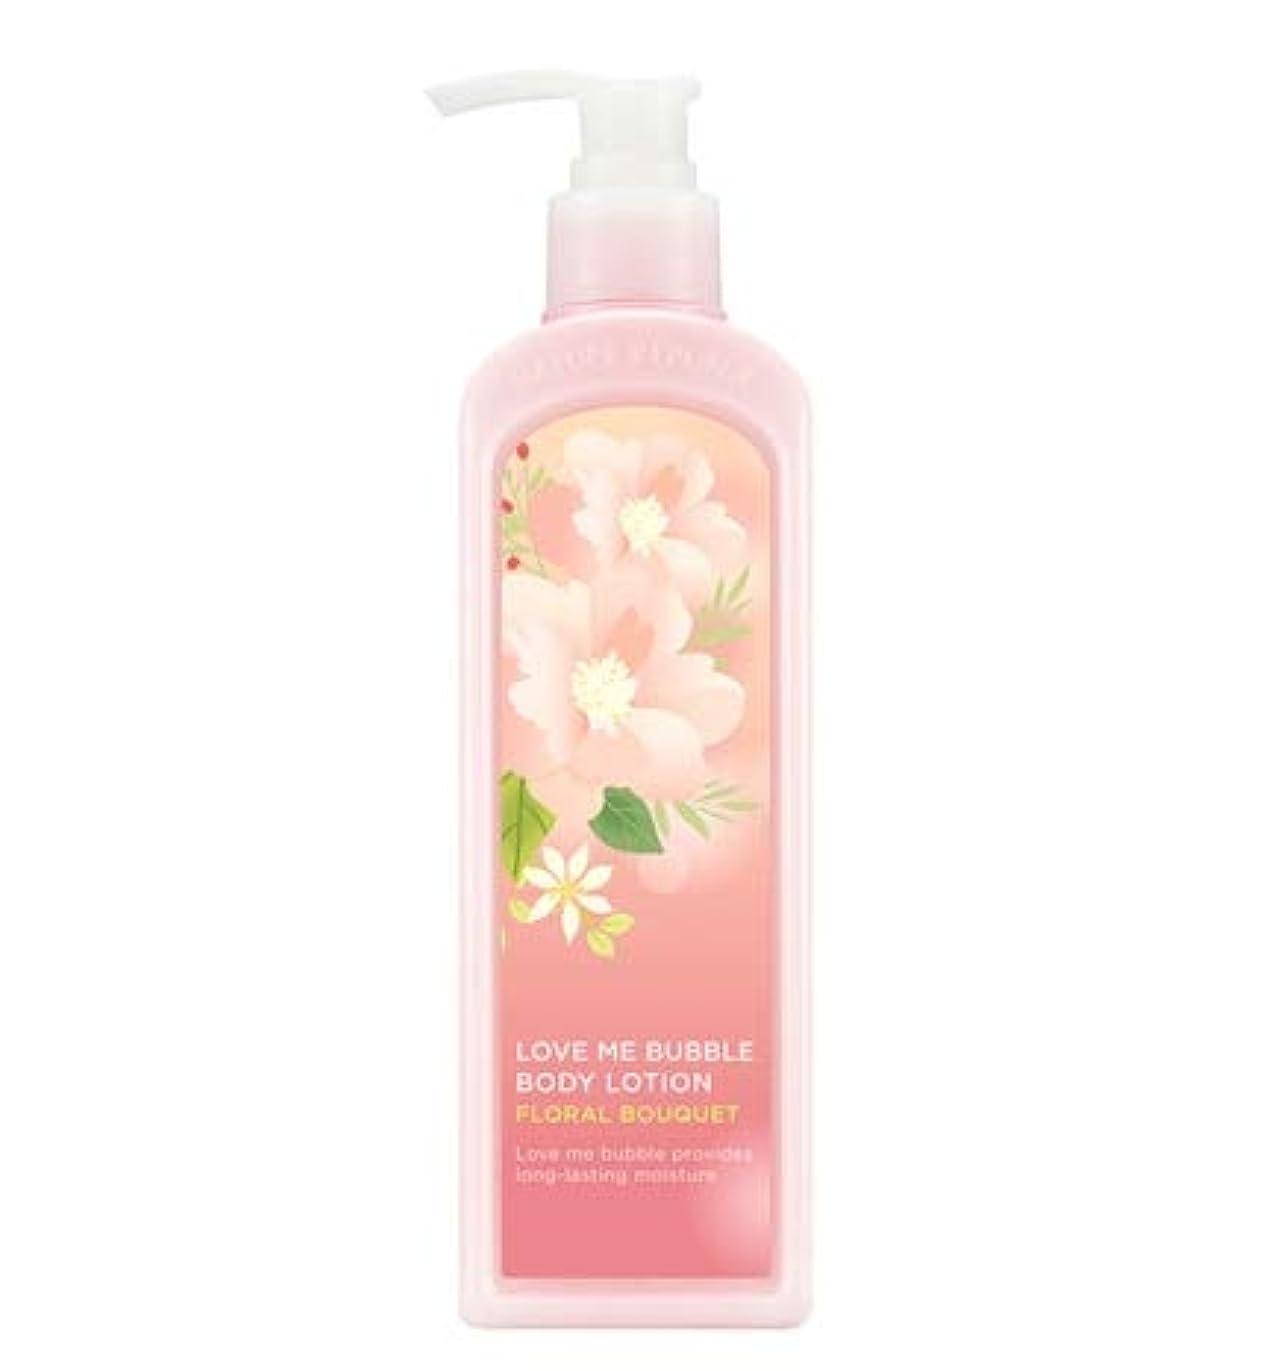 鼻個人的に複雑でないNATURE REPUBLIC Love Me Bubble Body Lotion-Floral bouquet ネイチャリパブリックラブミバブルボディーローション [並行輸入品]